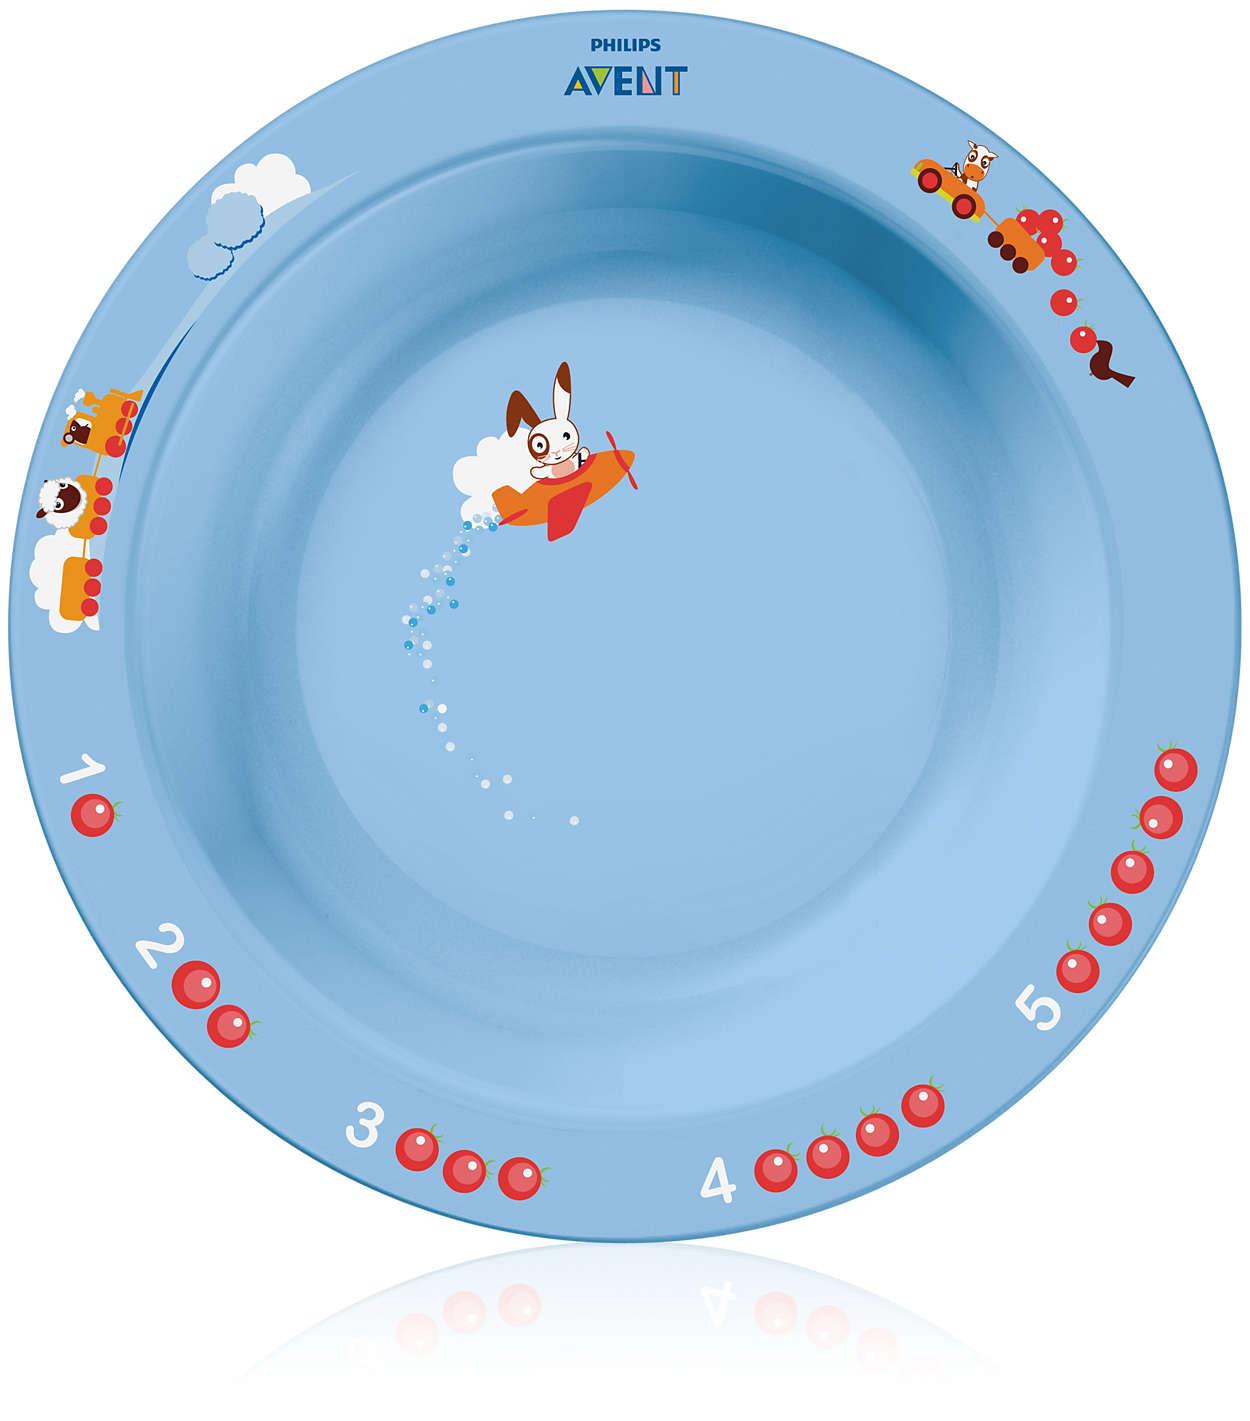 Estimula a alimentação por meio de um aprendizado divertido